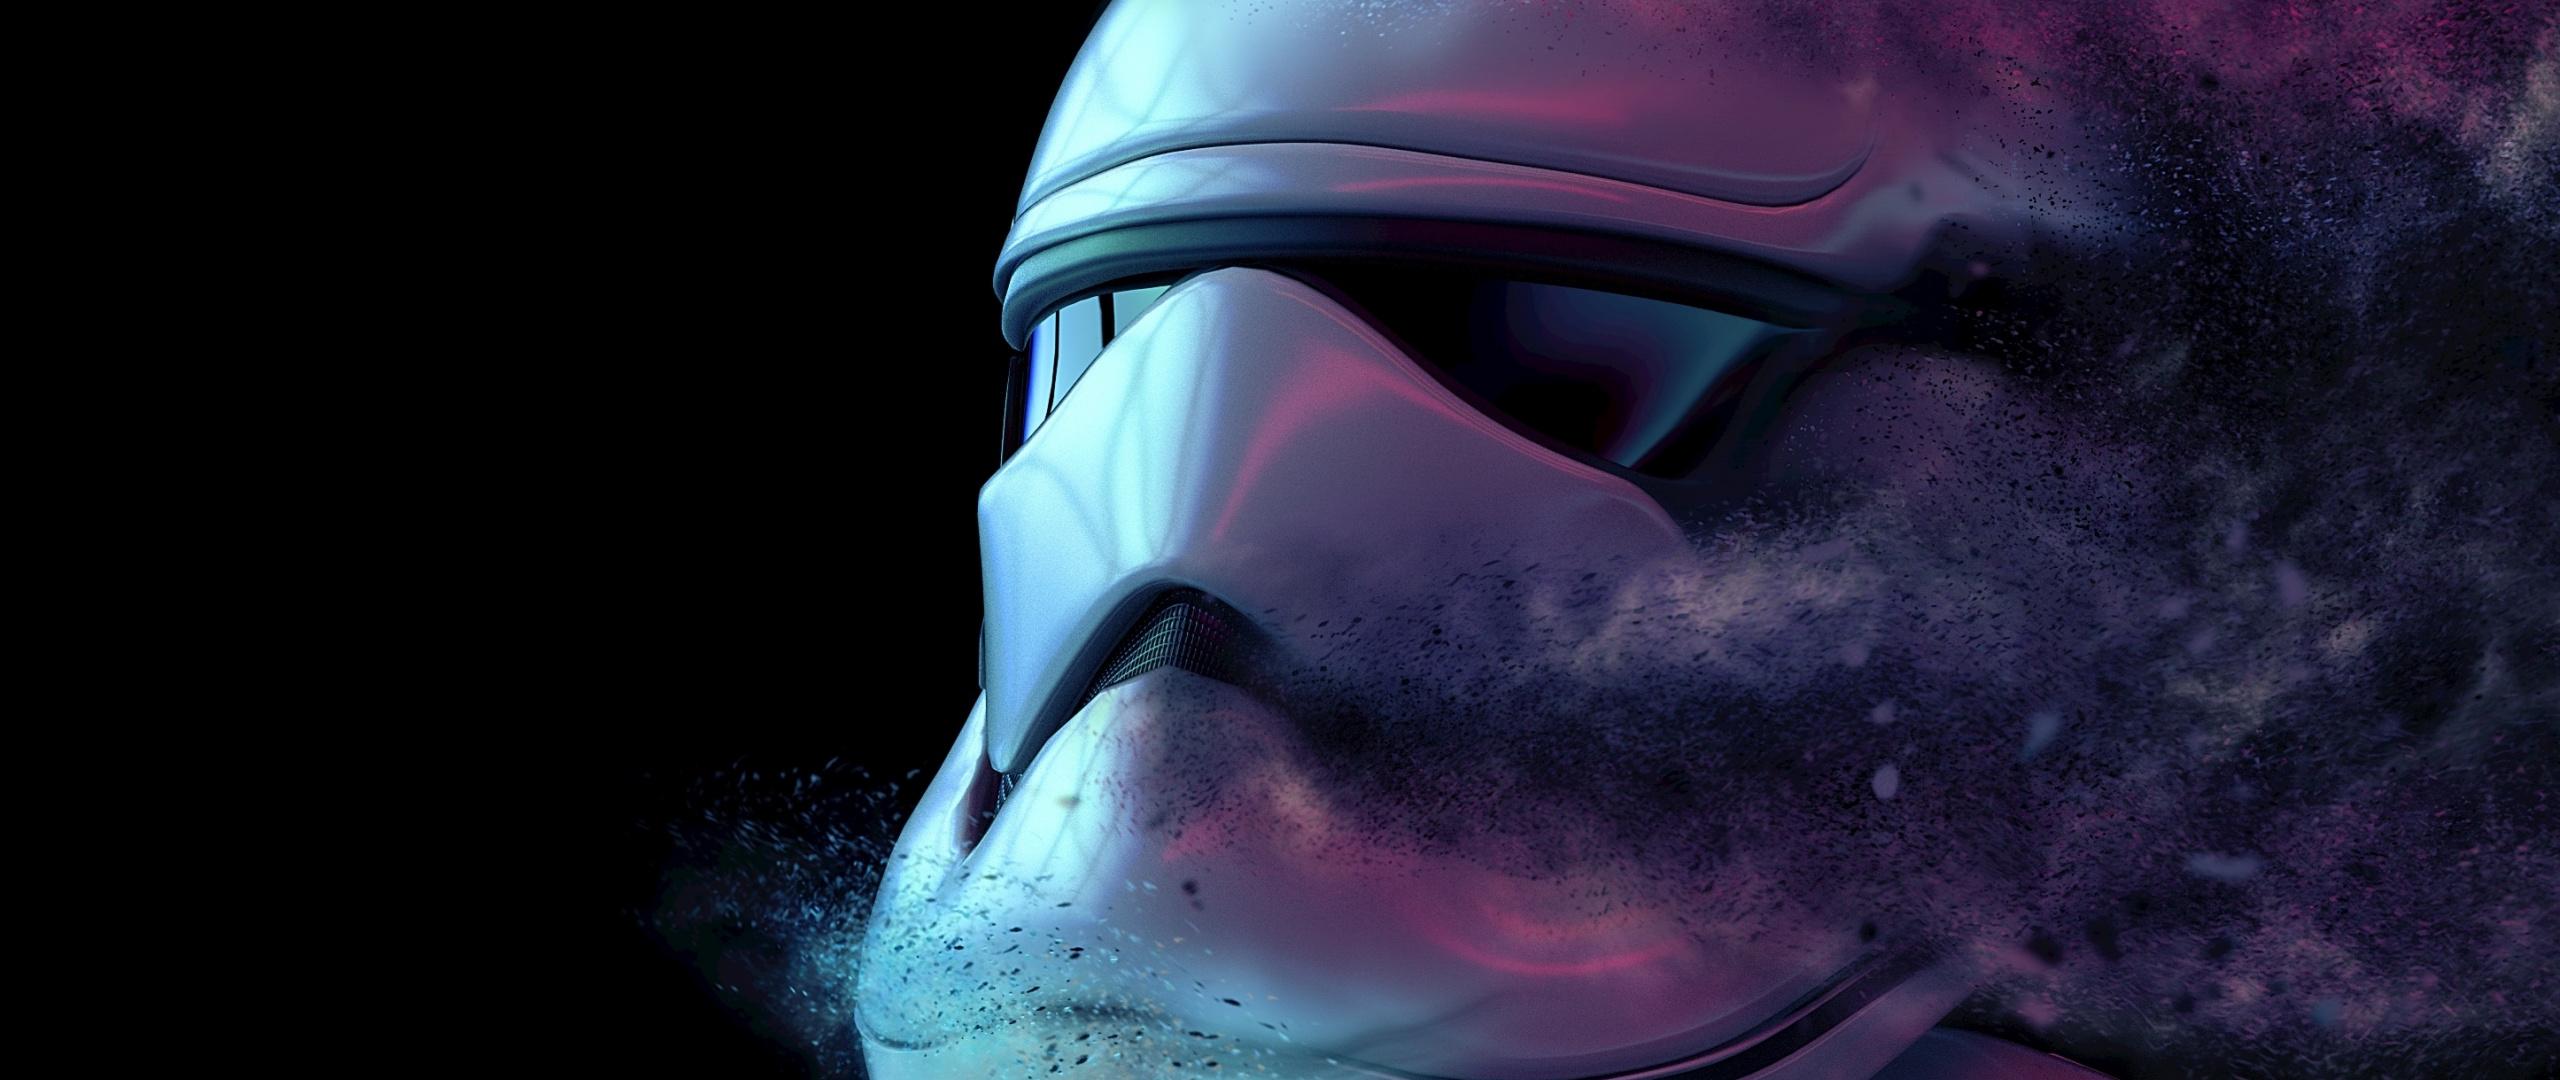 Dusk Stormtrooper Fade Out Art Wallpaper Stormtrooper Star Wars Wallpaper 4k 2560x1080 Wallpaper Teahub Io